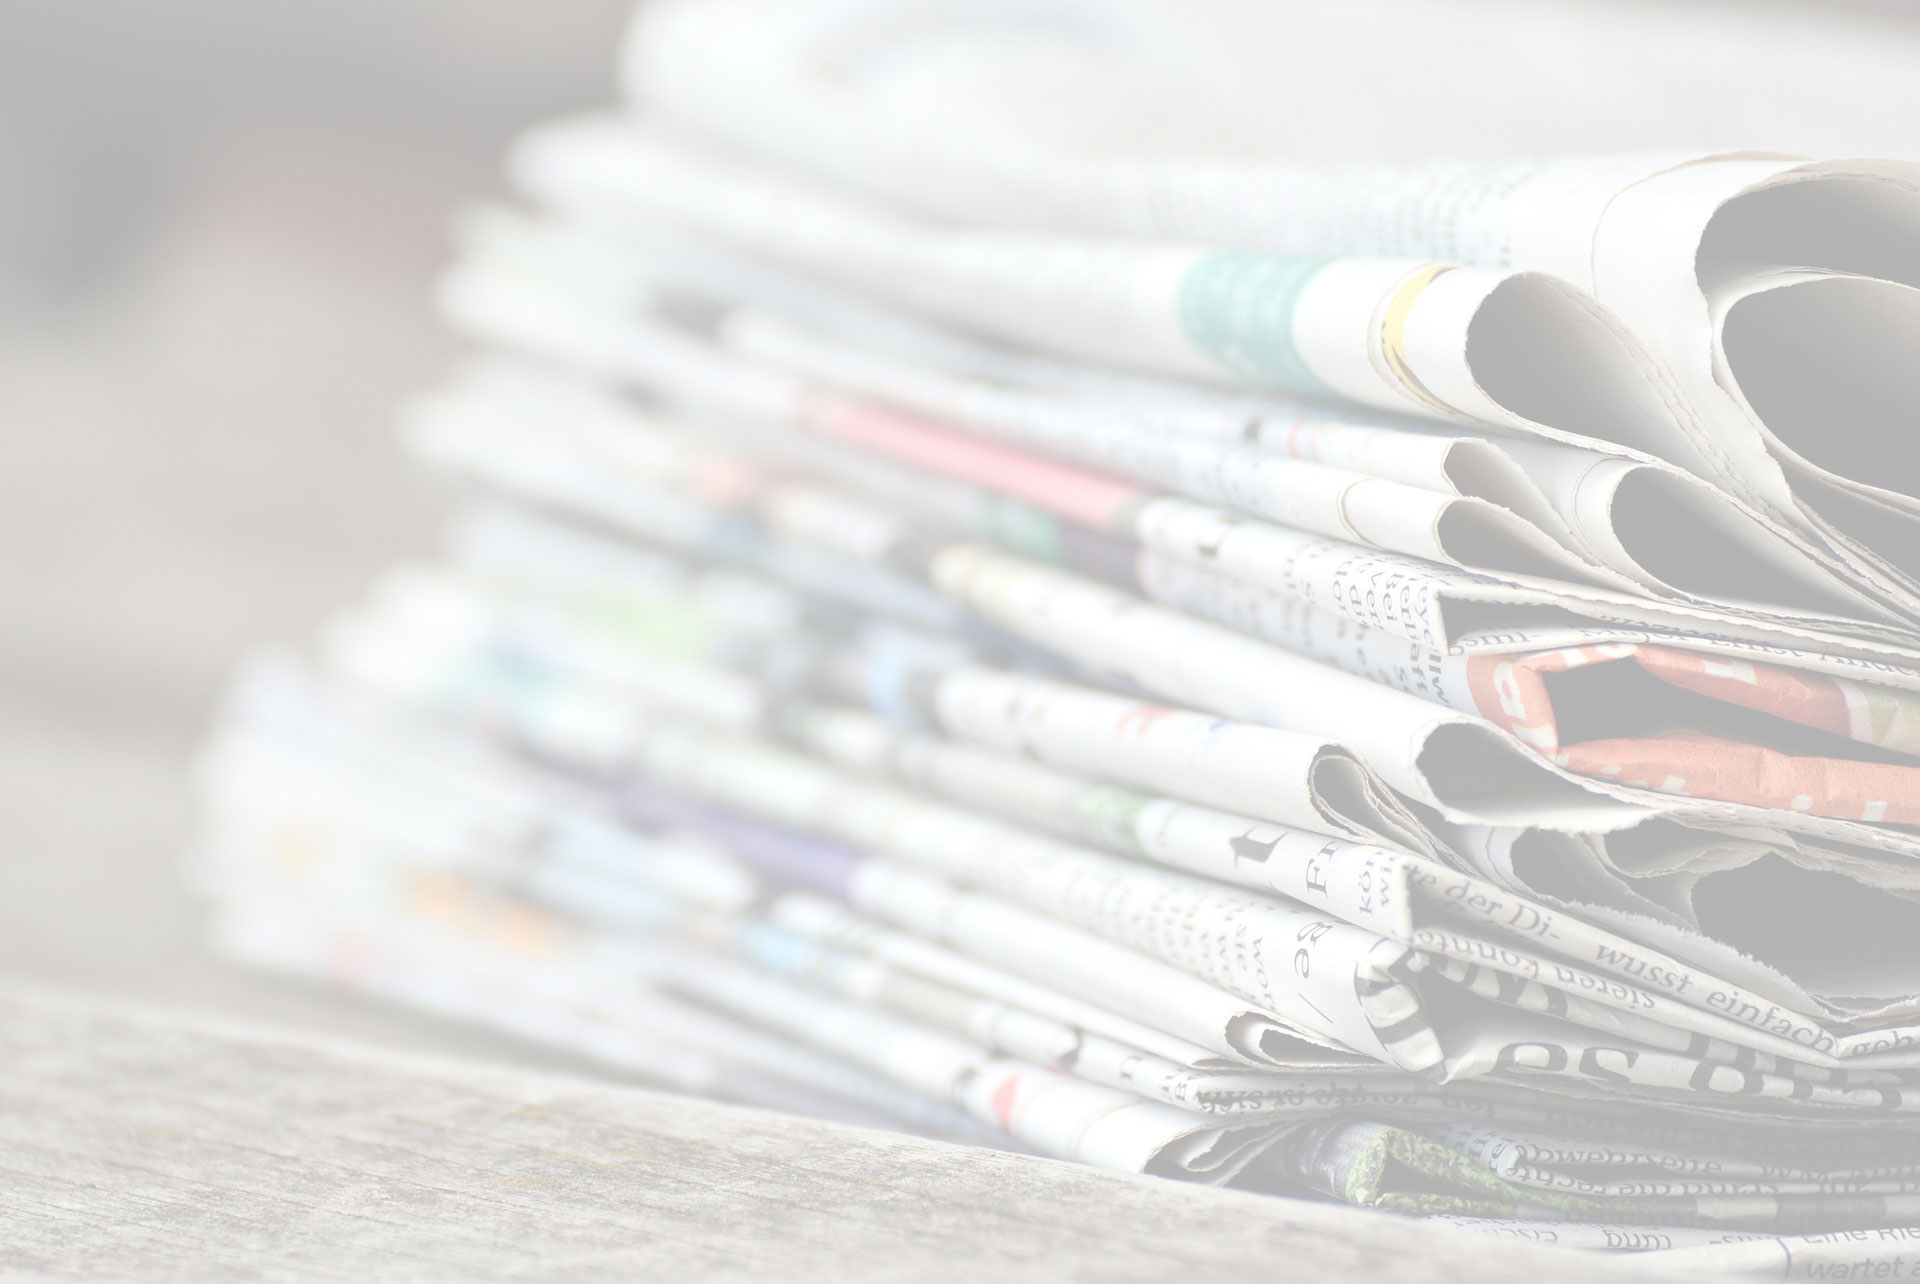 Quattro anni fa la scomparsa di Giulio Regeni. Fico, '2020 s